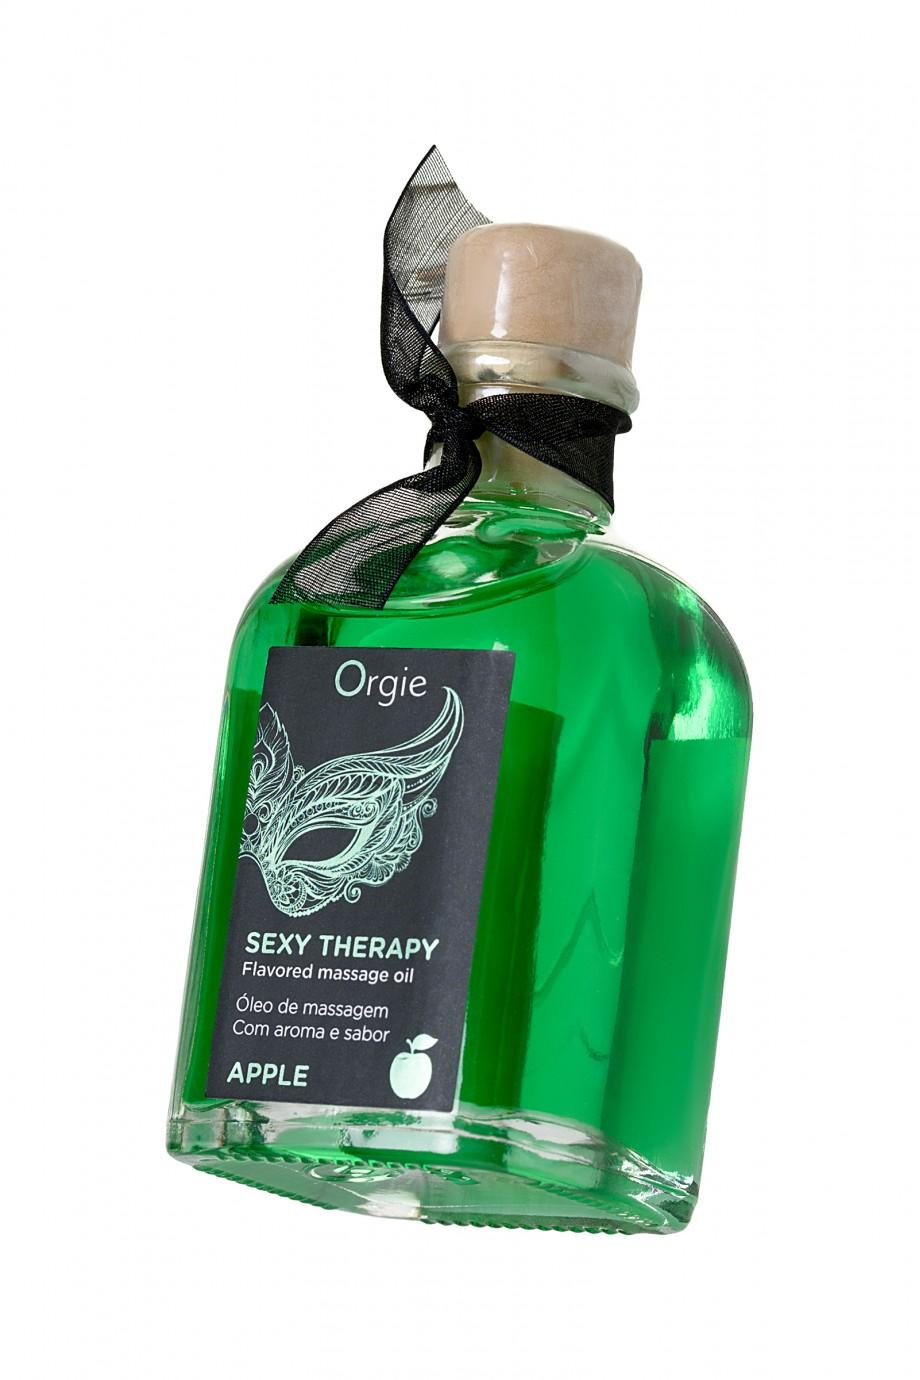 Комплект для сладких игр Orgie Lips Massage со вкусом яблока (массажное масло для поцелуев, перо и руководство), 100 мл